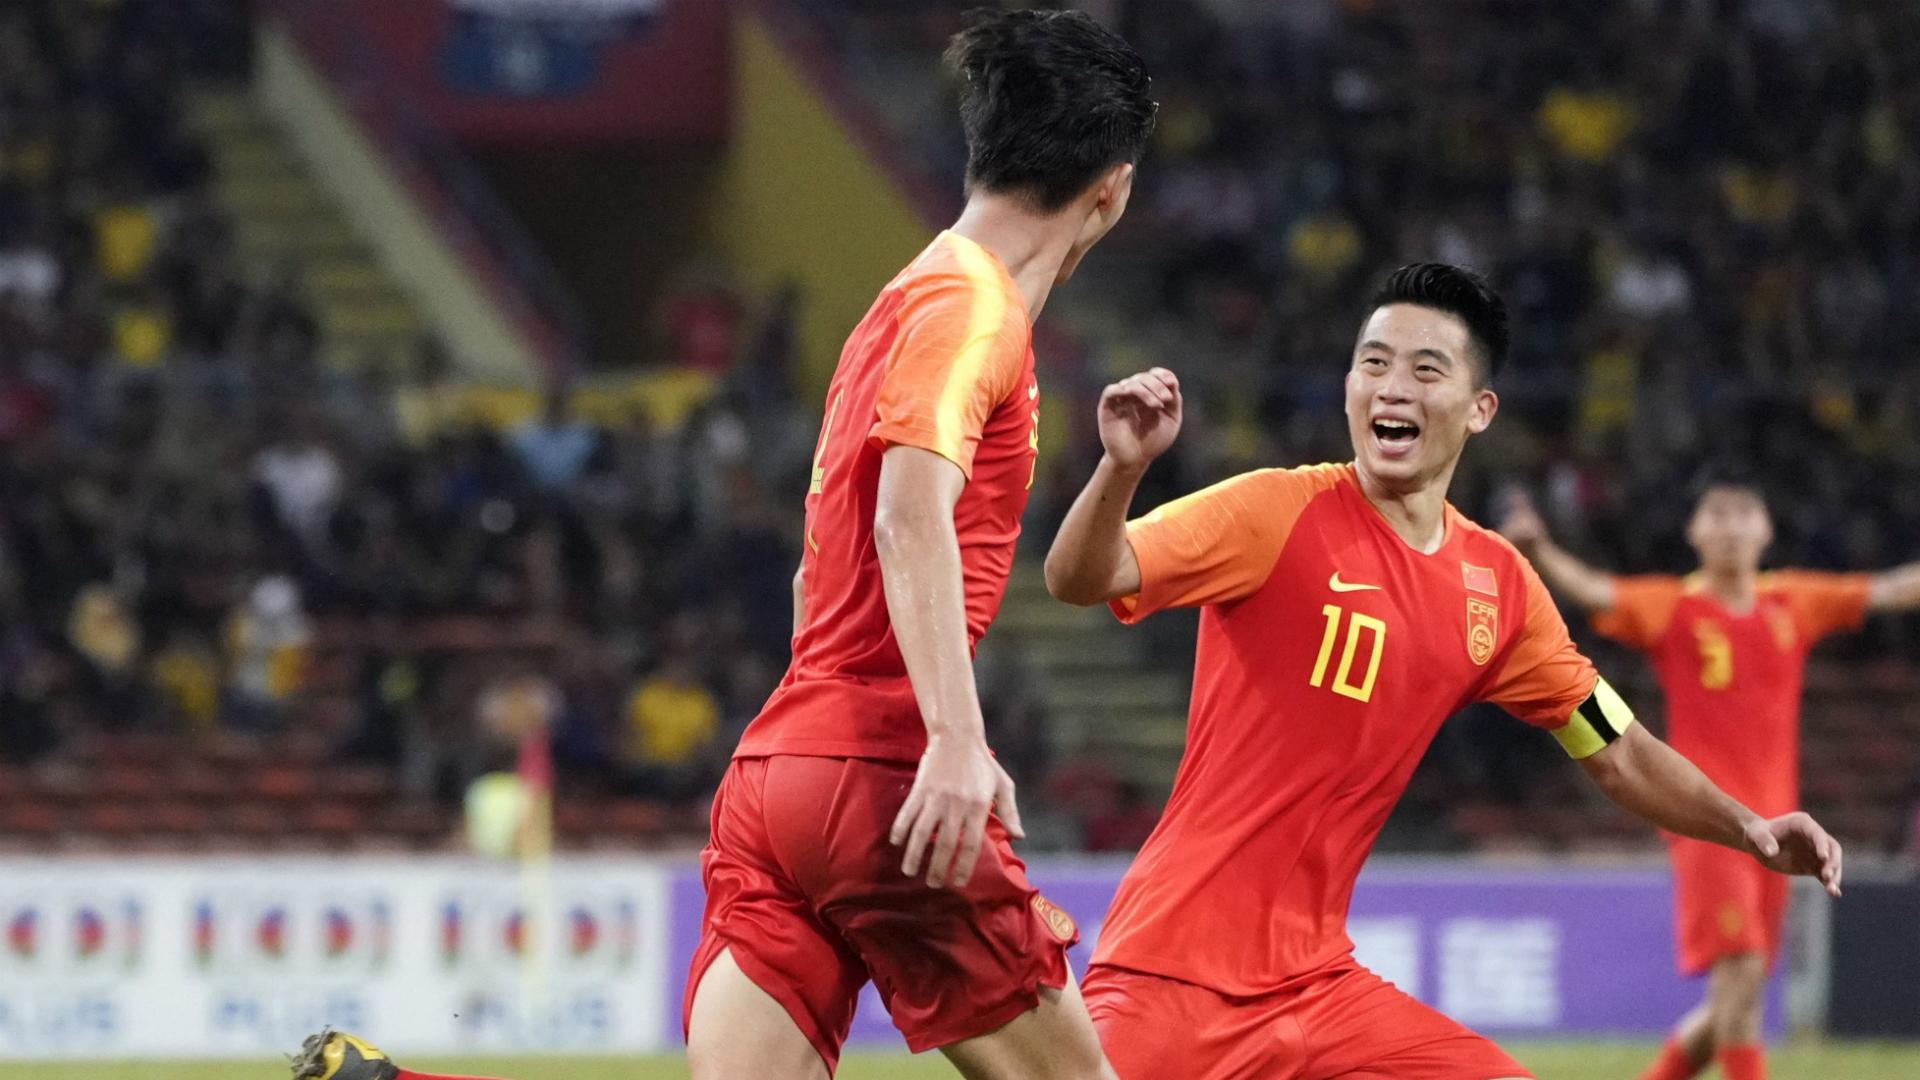 Jiang Sheng Long, Malaysia U23 v China U23, AFC U23 Championship qualifier, 26 Mar 2019